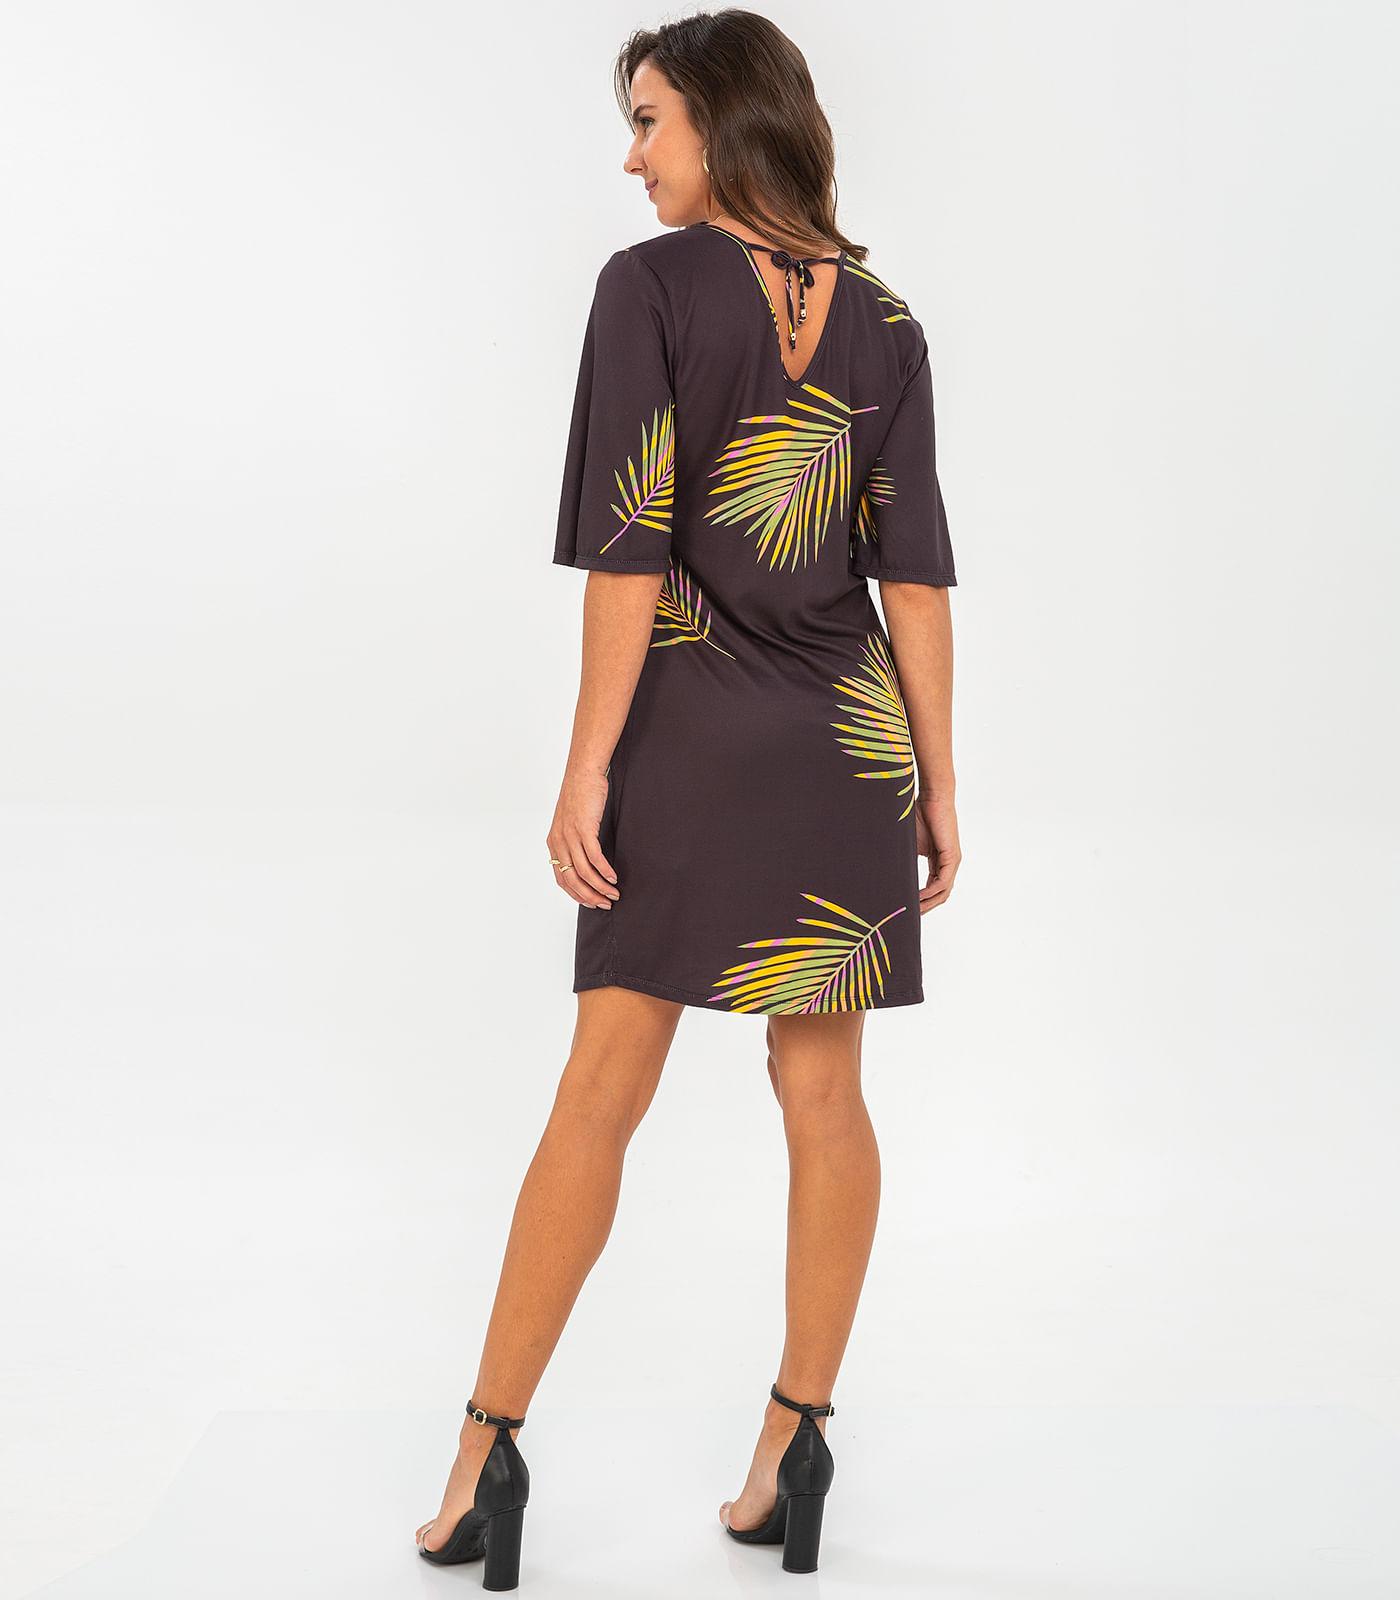 Vestido-Feminino-Floral-Rovitex-Preto